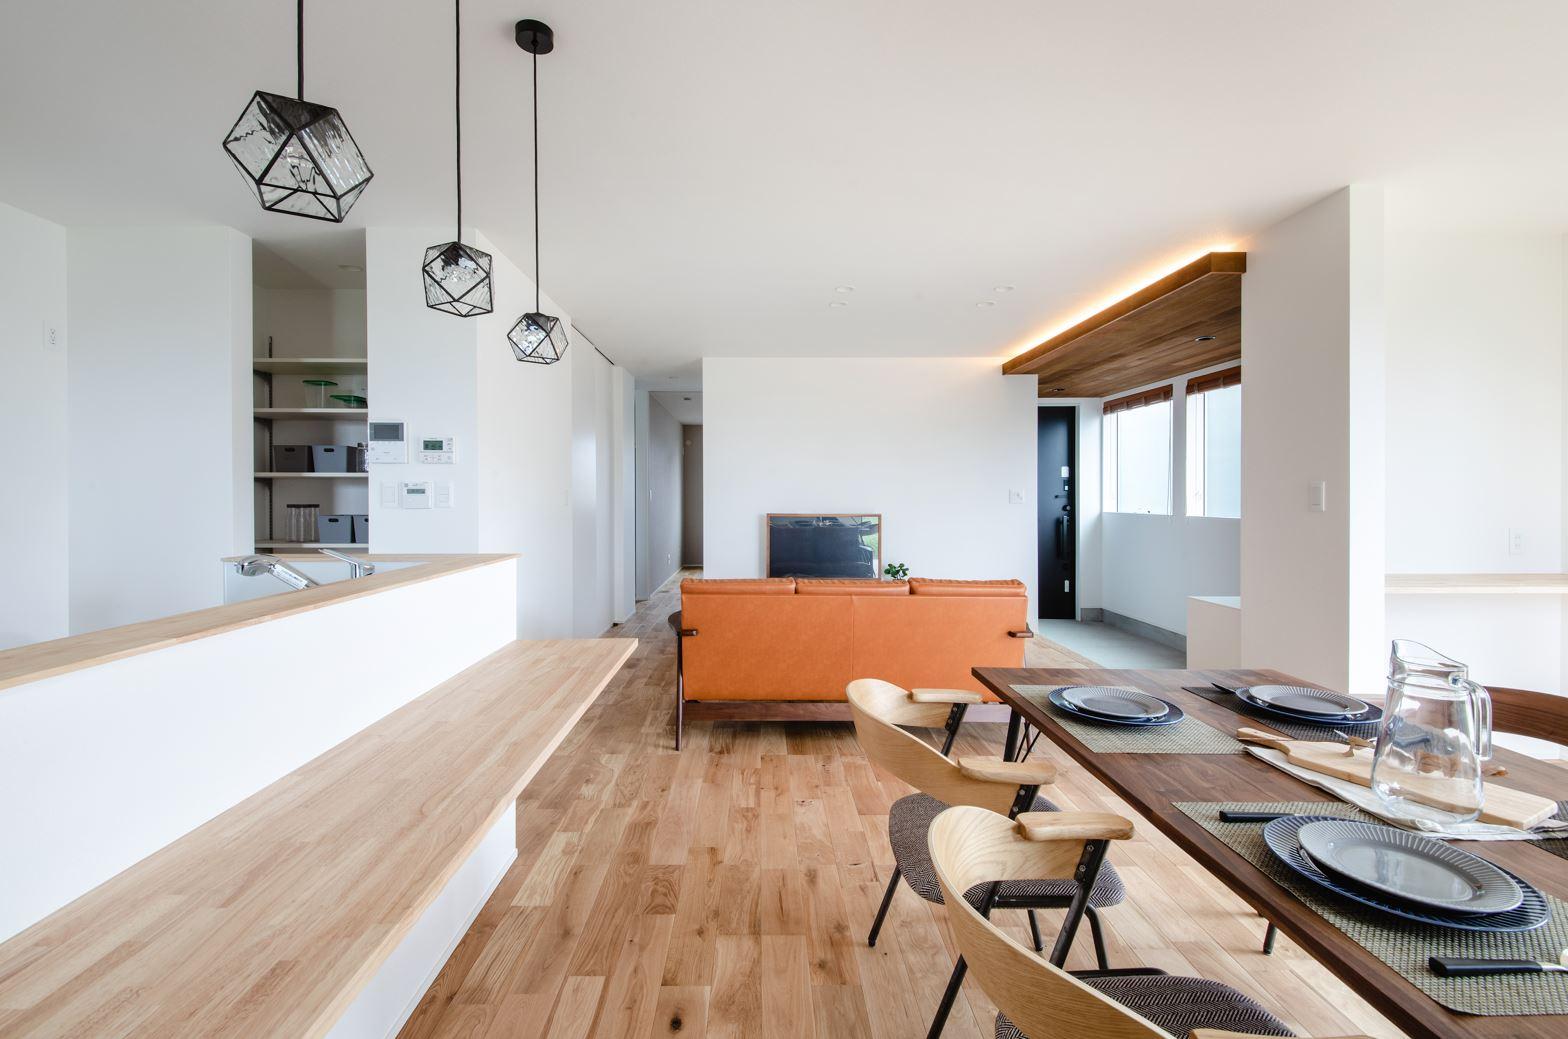 S.CONNECT(エスコネクト)【デザイン住宅、省エネ、建築家】室内は白い壁と木目が調和し、落ち着いた雰囲気に